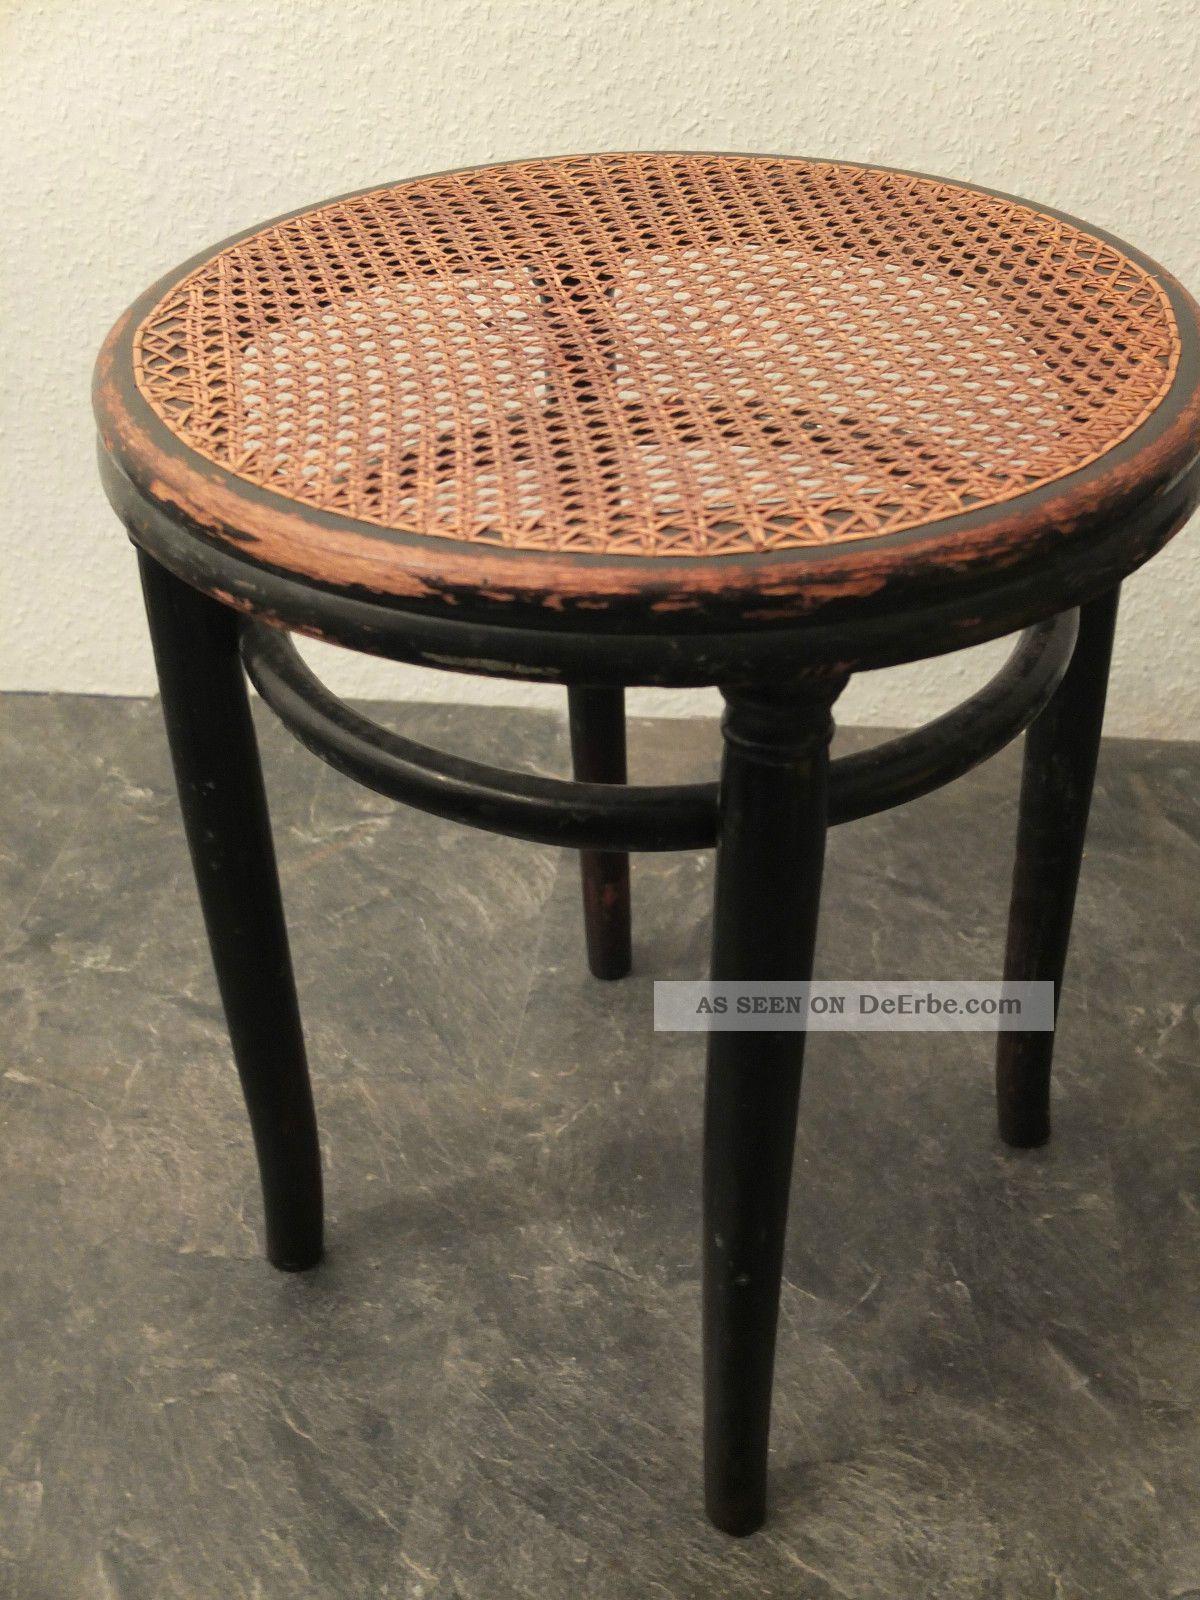 Thonet hocker mit geflecht kaffeehaus stuhl bugholz mit for Design stuhl geflecht